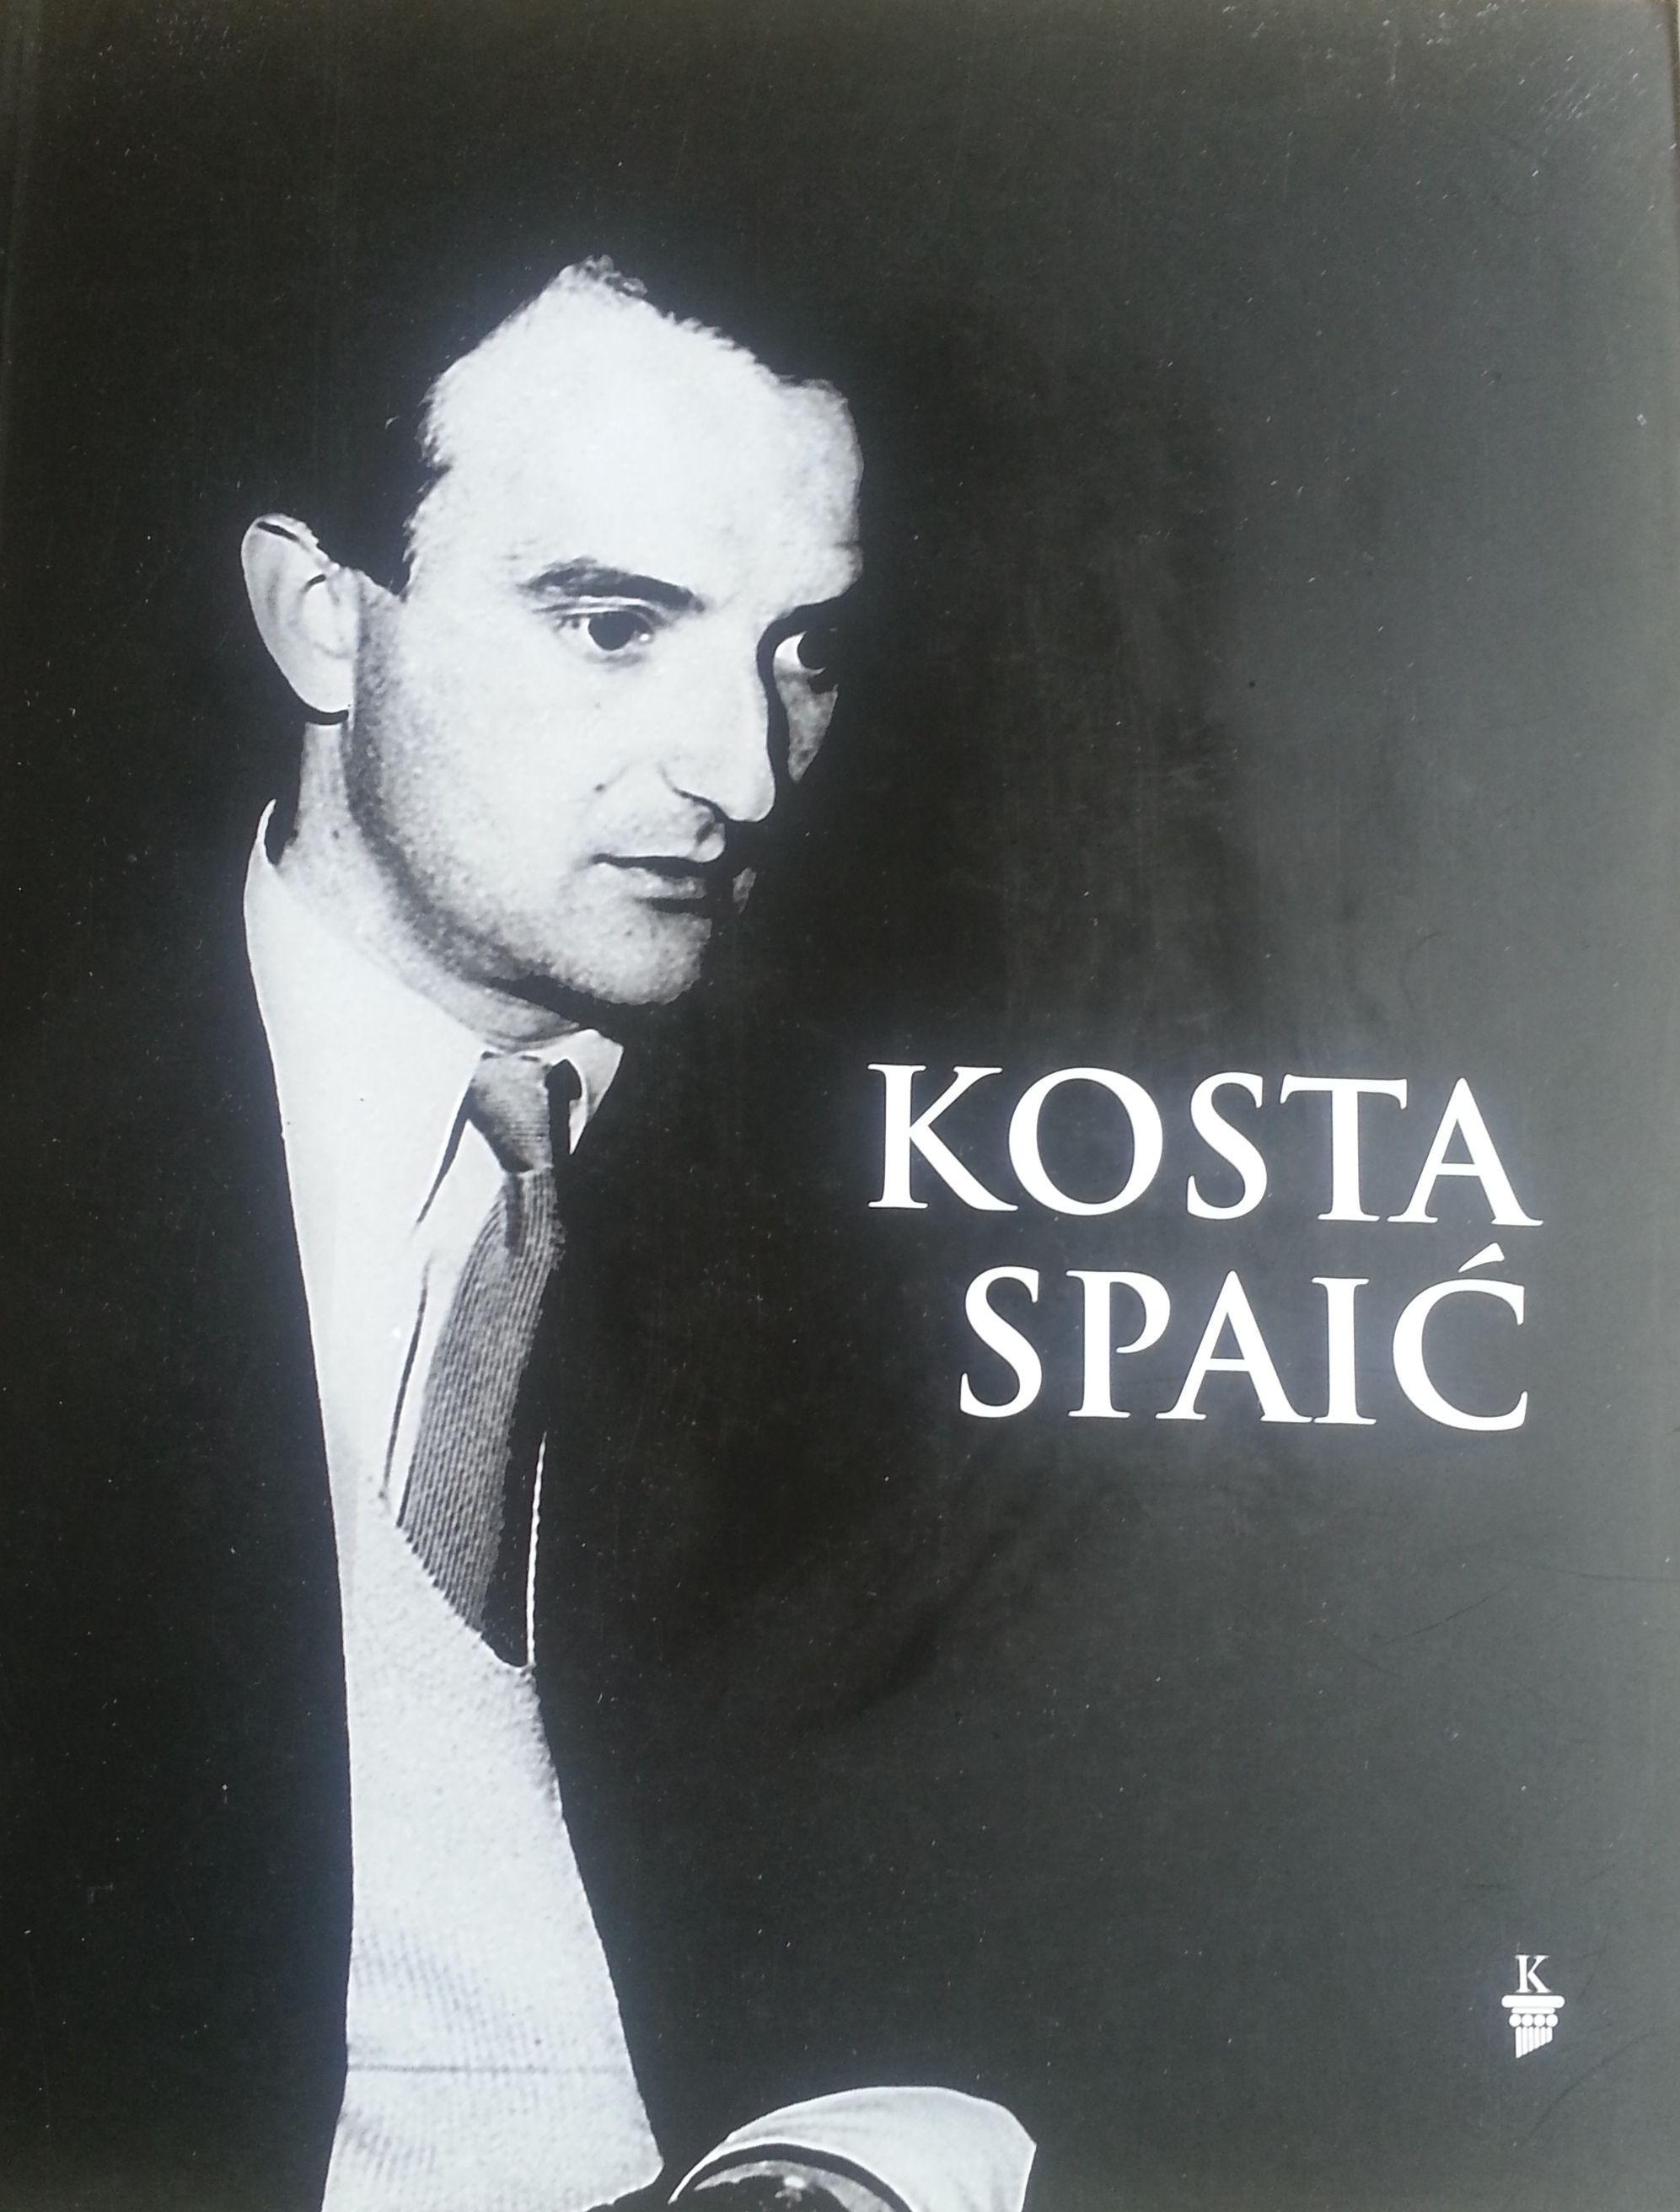 Kosta Spaić